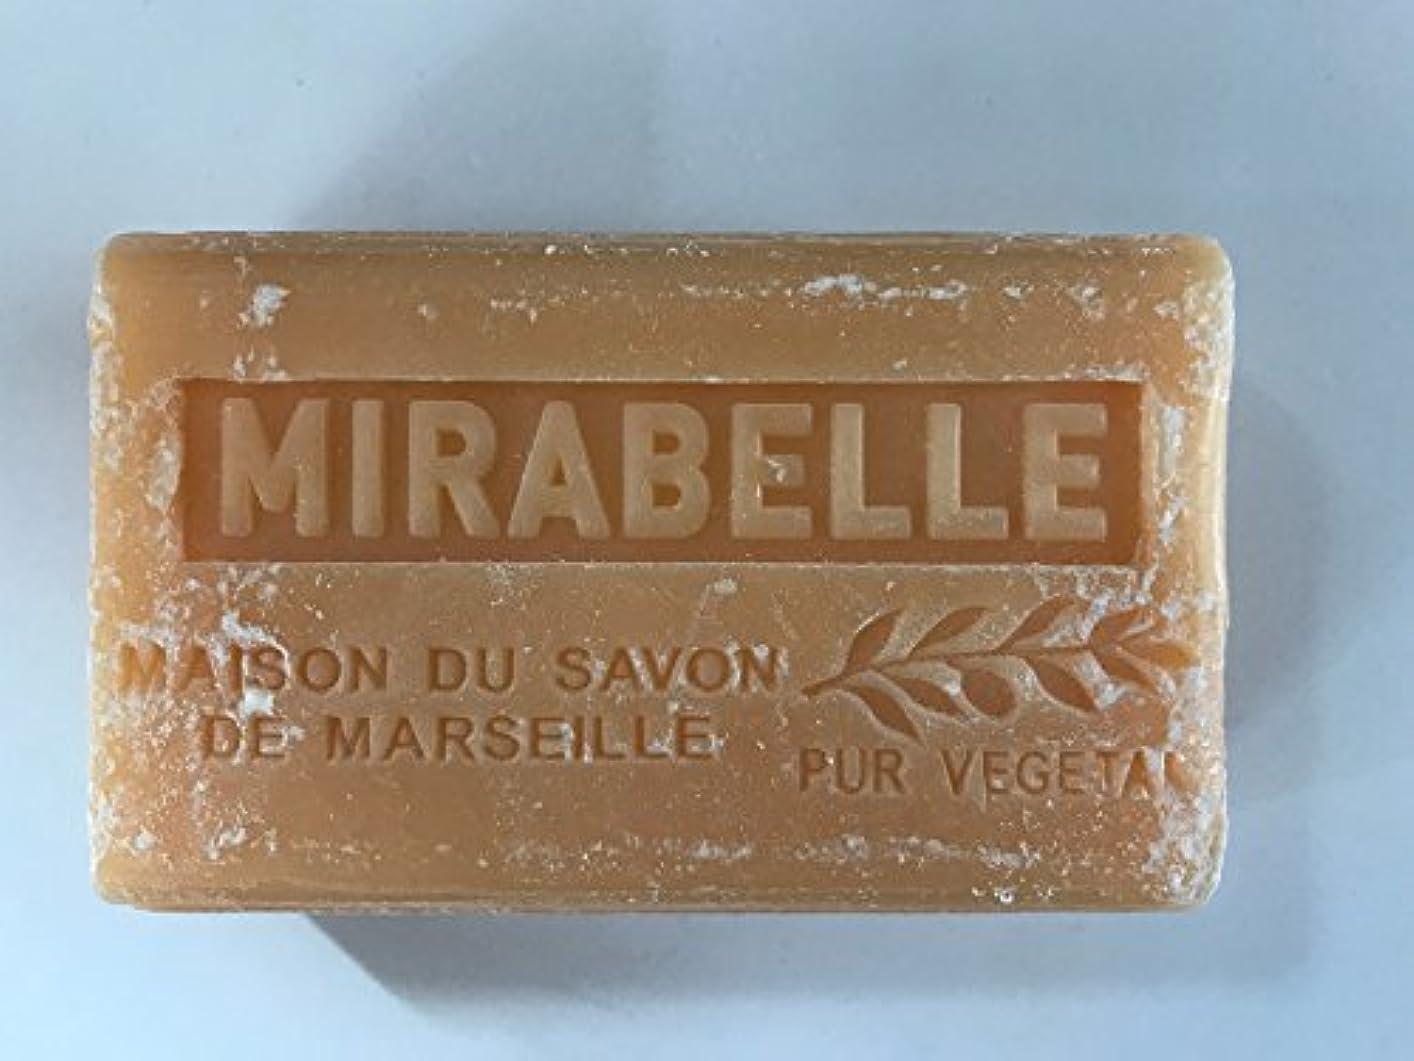 オズワルド着服抑制Savon de Marseille Soap Mirabelle Shea Butter 125g